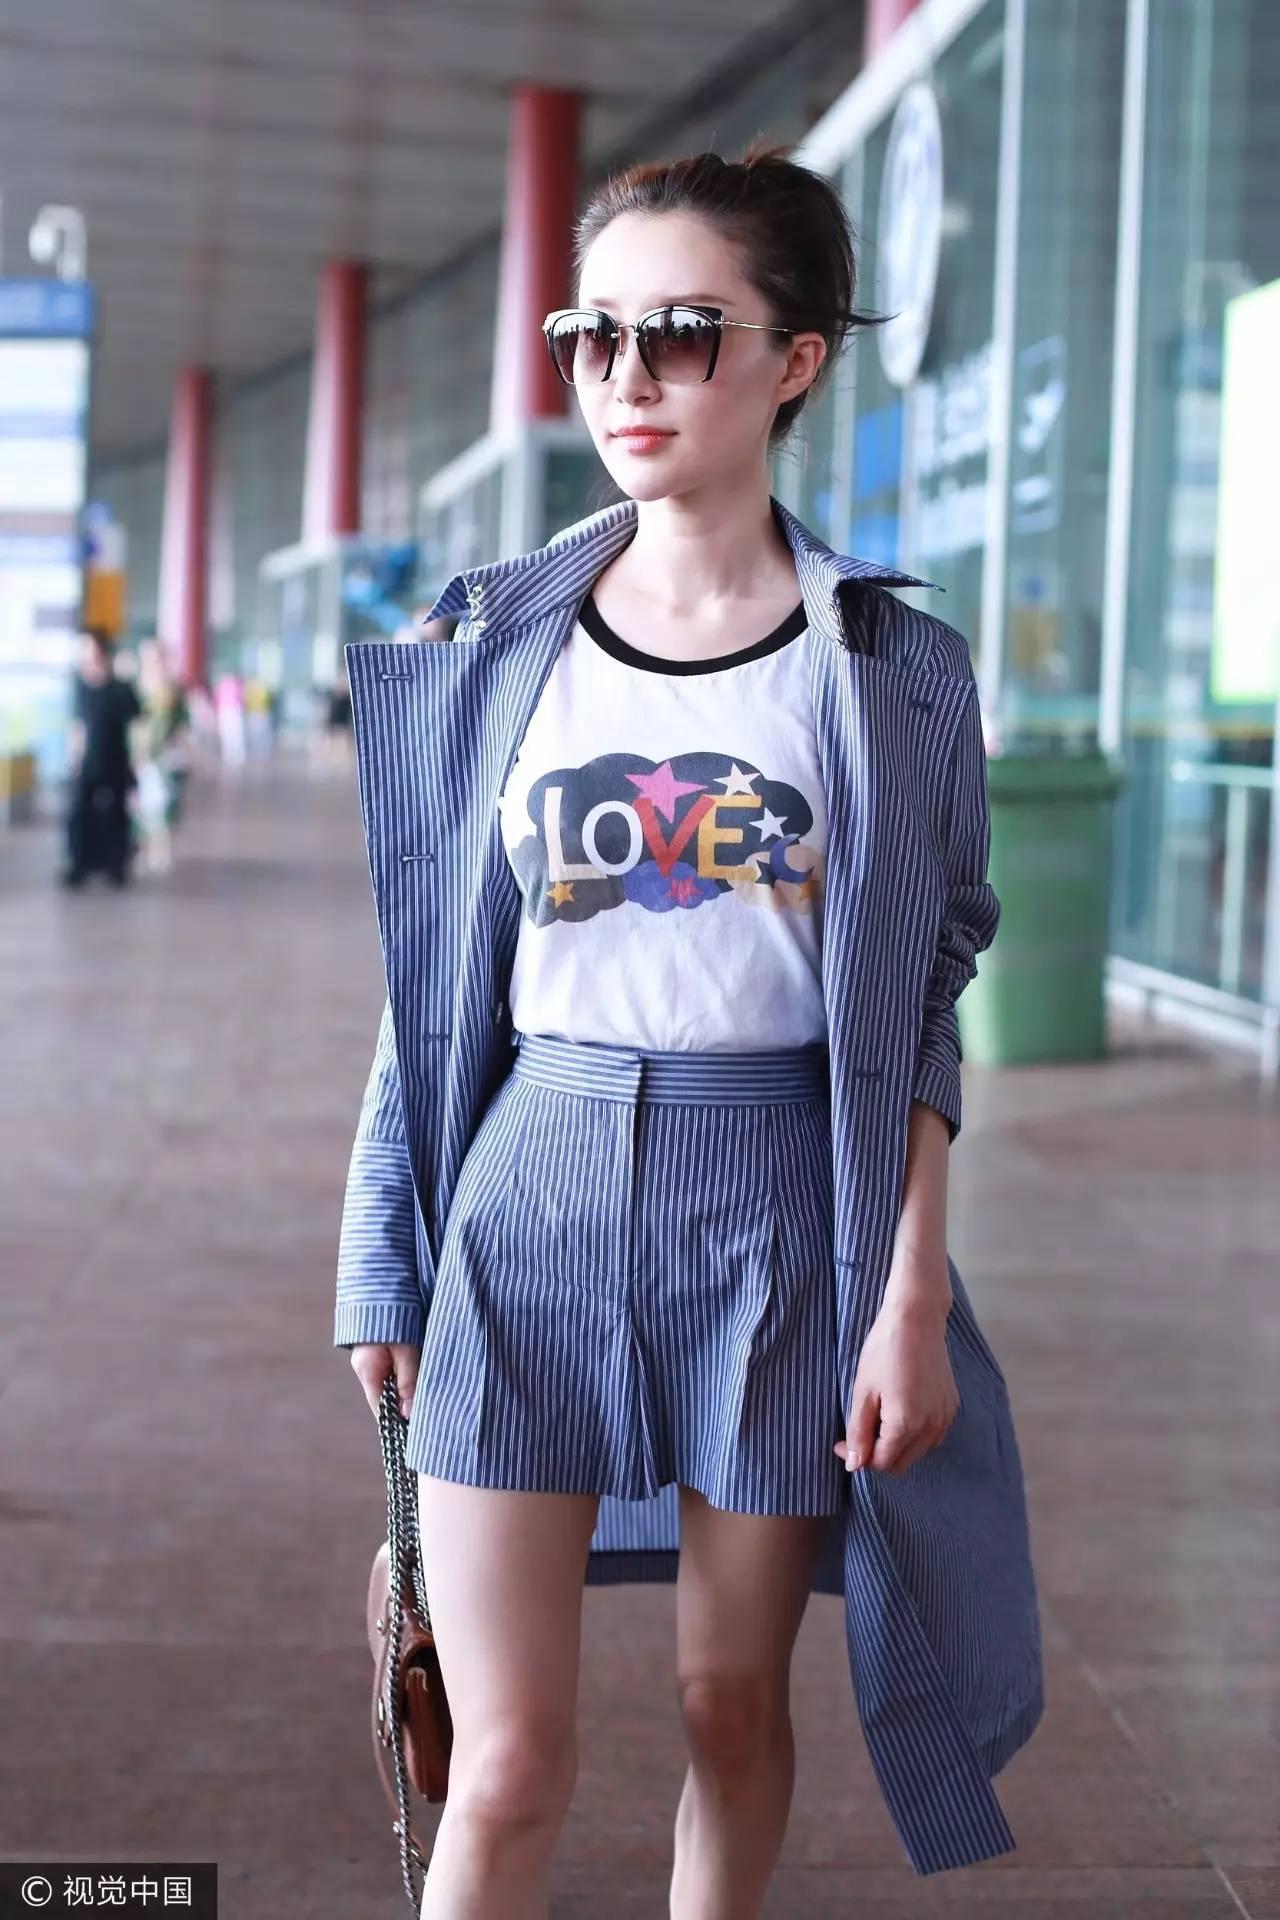 白t恤牛仔裤帆布鞋_今年夏天最时髦的T恤长什么样?